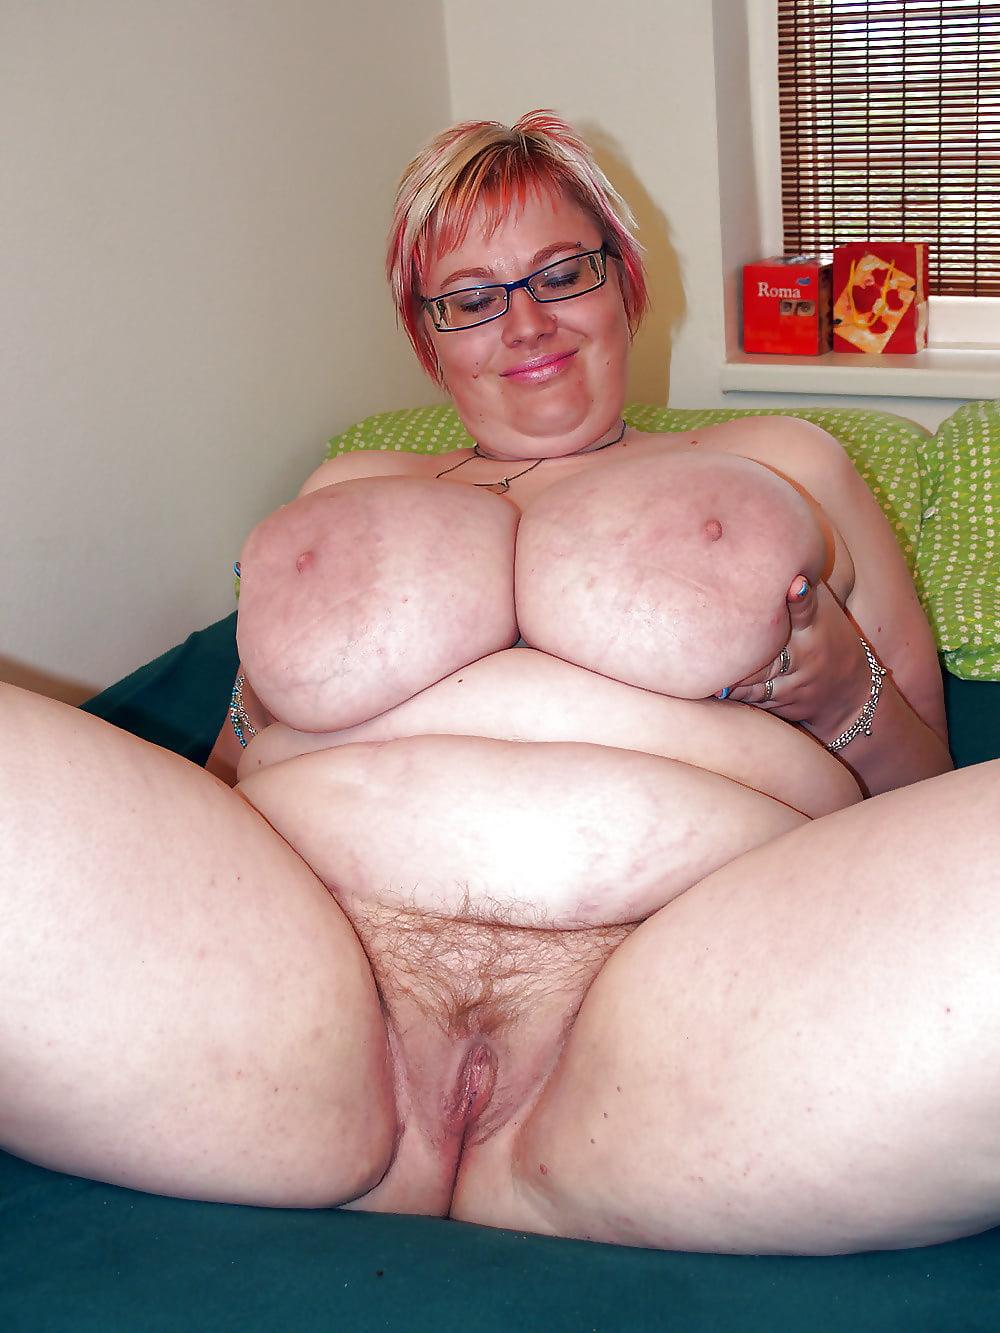 Хип-хопперы порно зрелые толстые большие сиськи